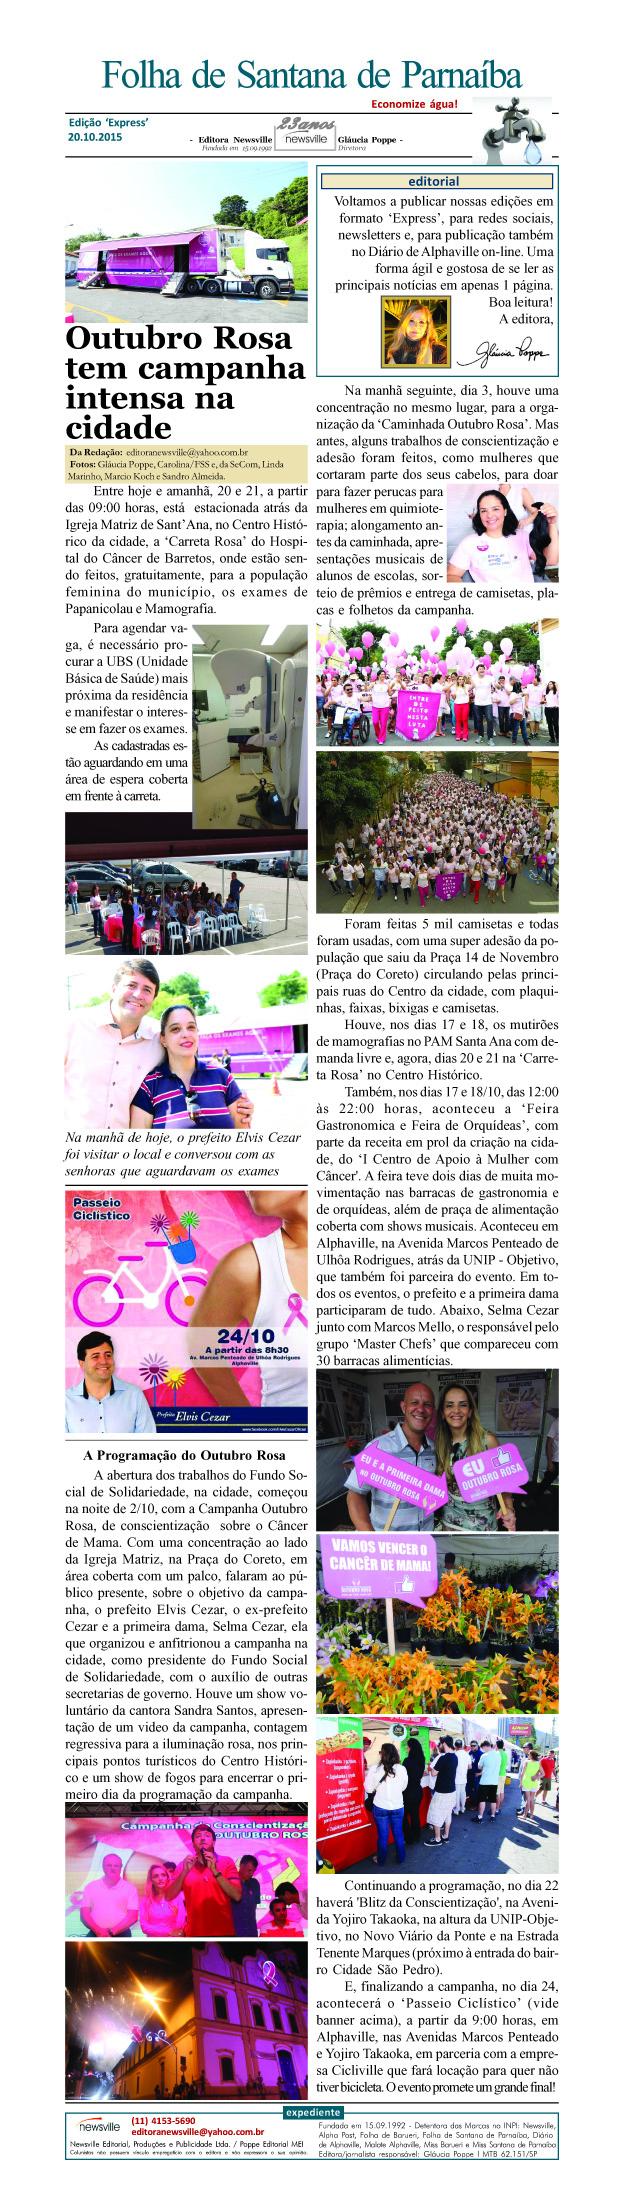 folha-sant-parn-expr-20.10.15okok copy